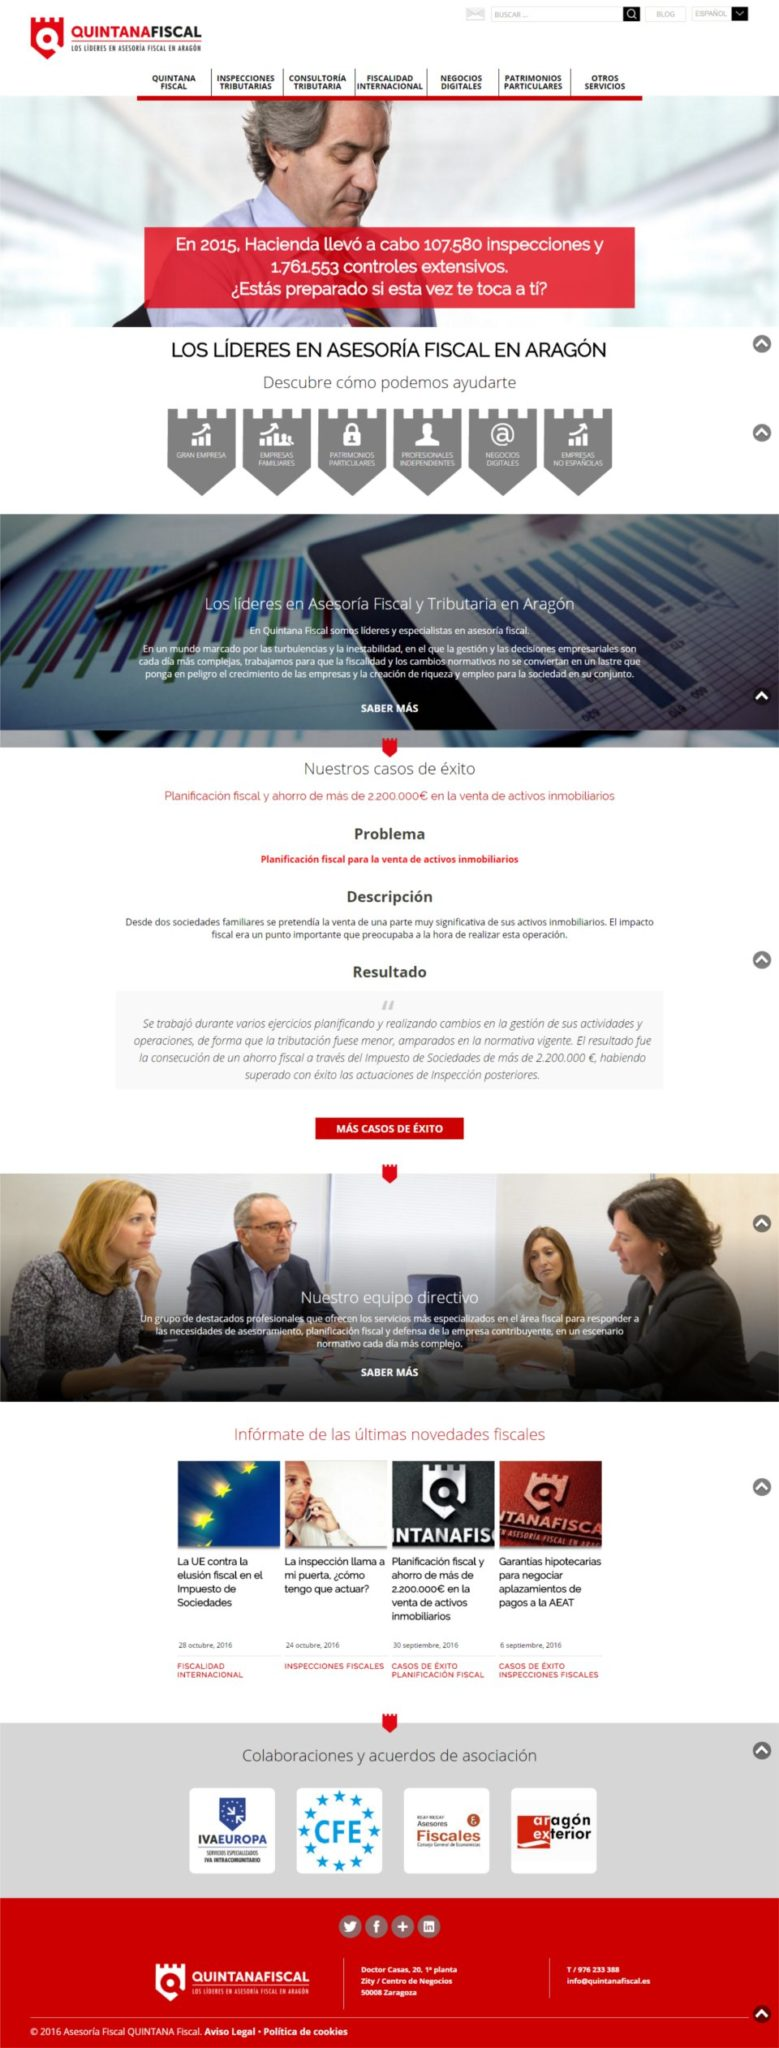 Quintana Fiscal. Renovación del Website desde cero con WordPress